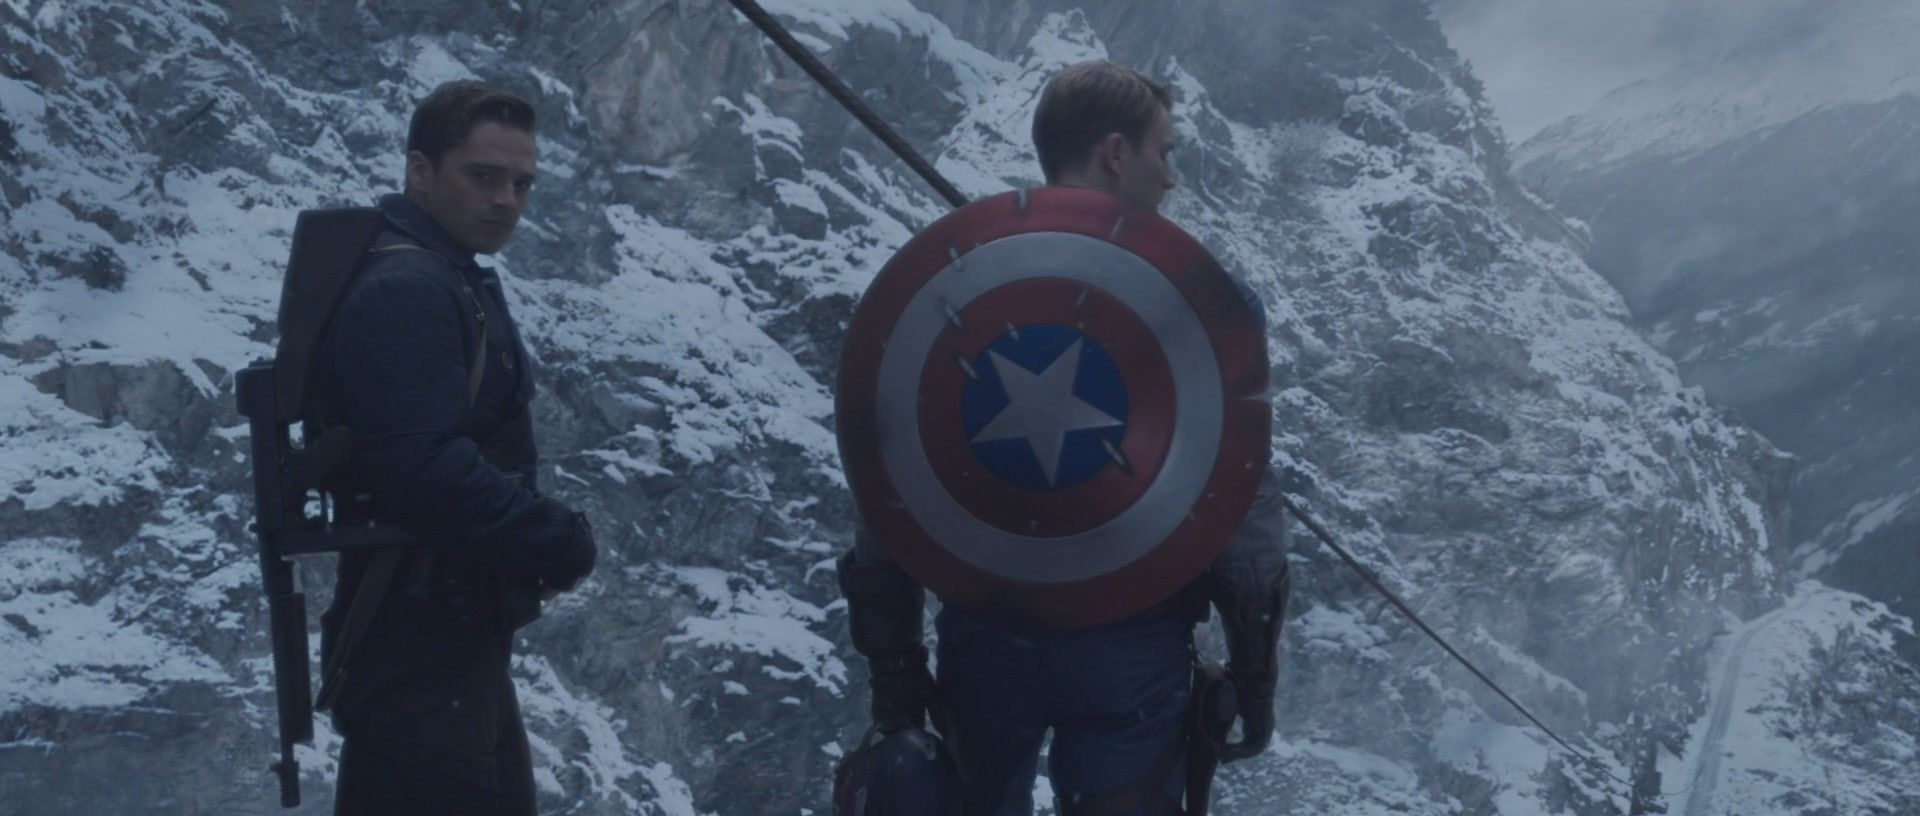 Captain America The First Avengers Screencaps   Marvel avengers ...